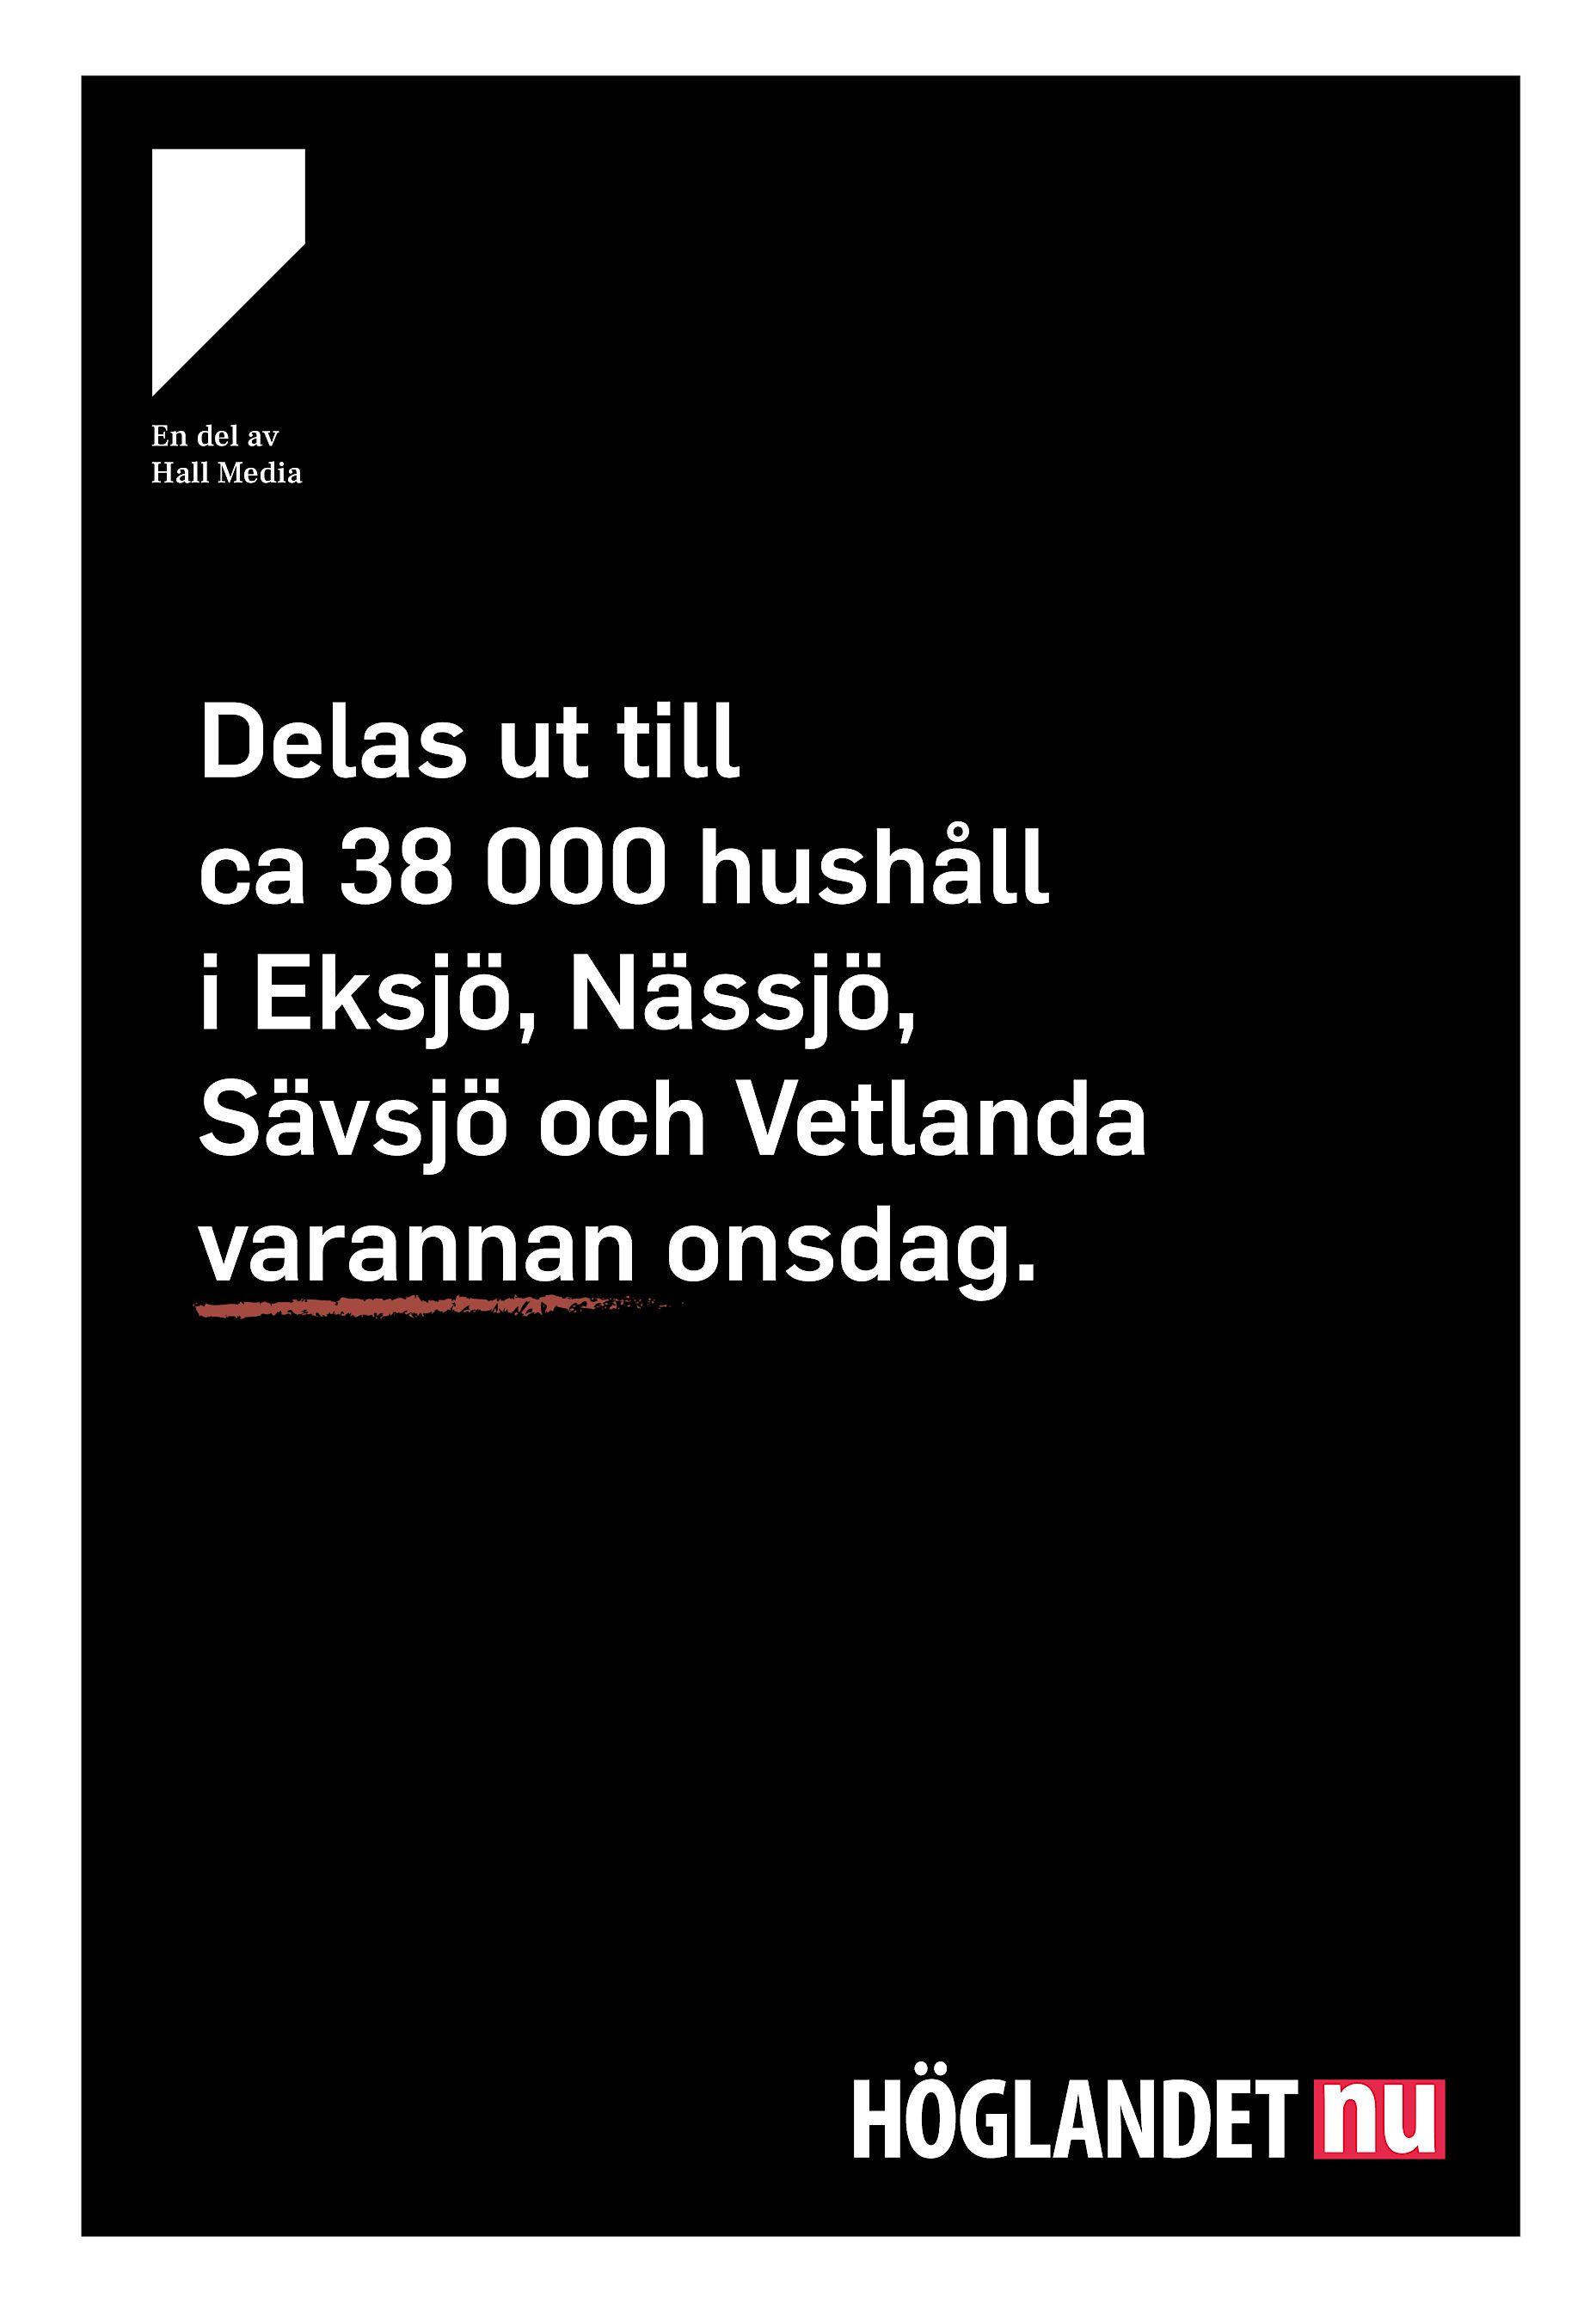 19432c63eed5 Höglandet.nu HNU-20190424 (endast text)